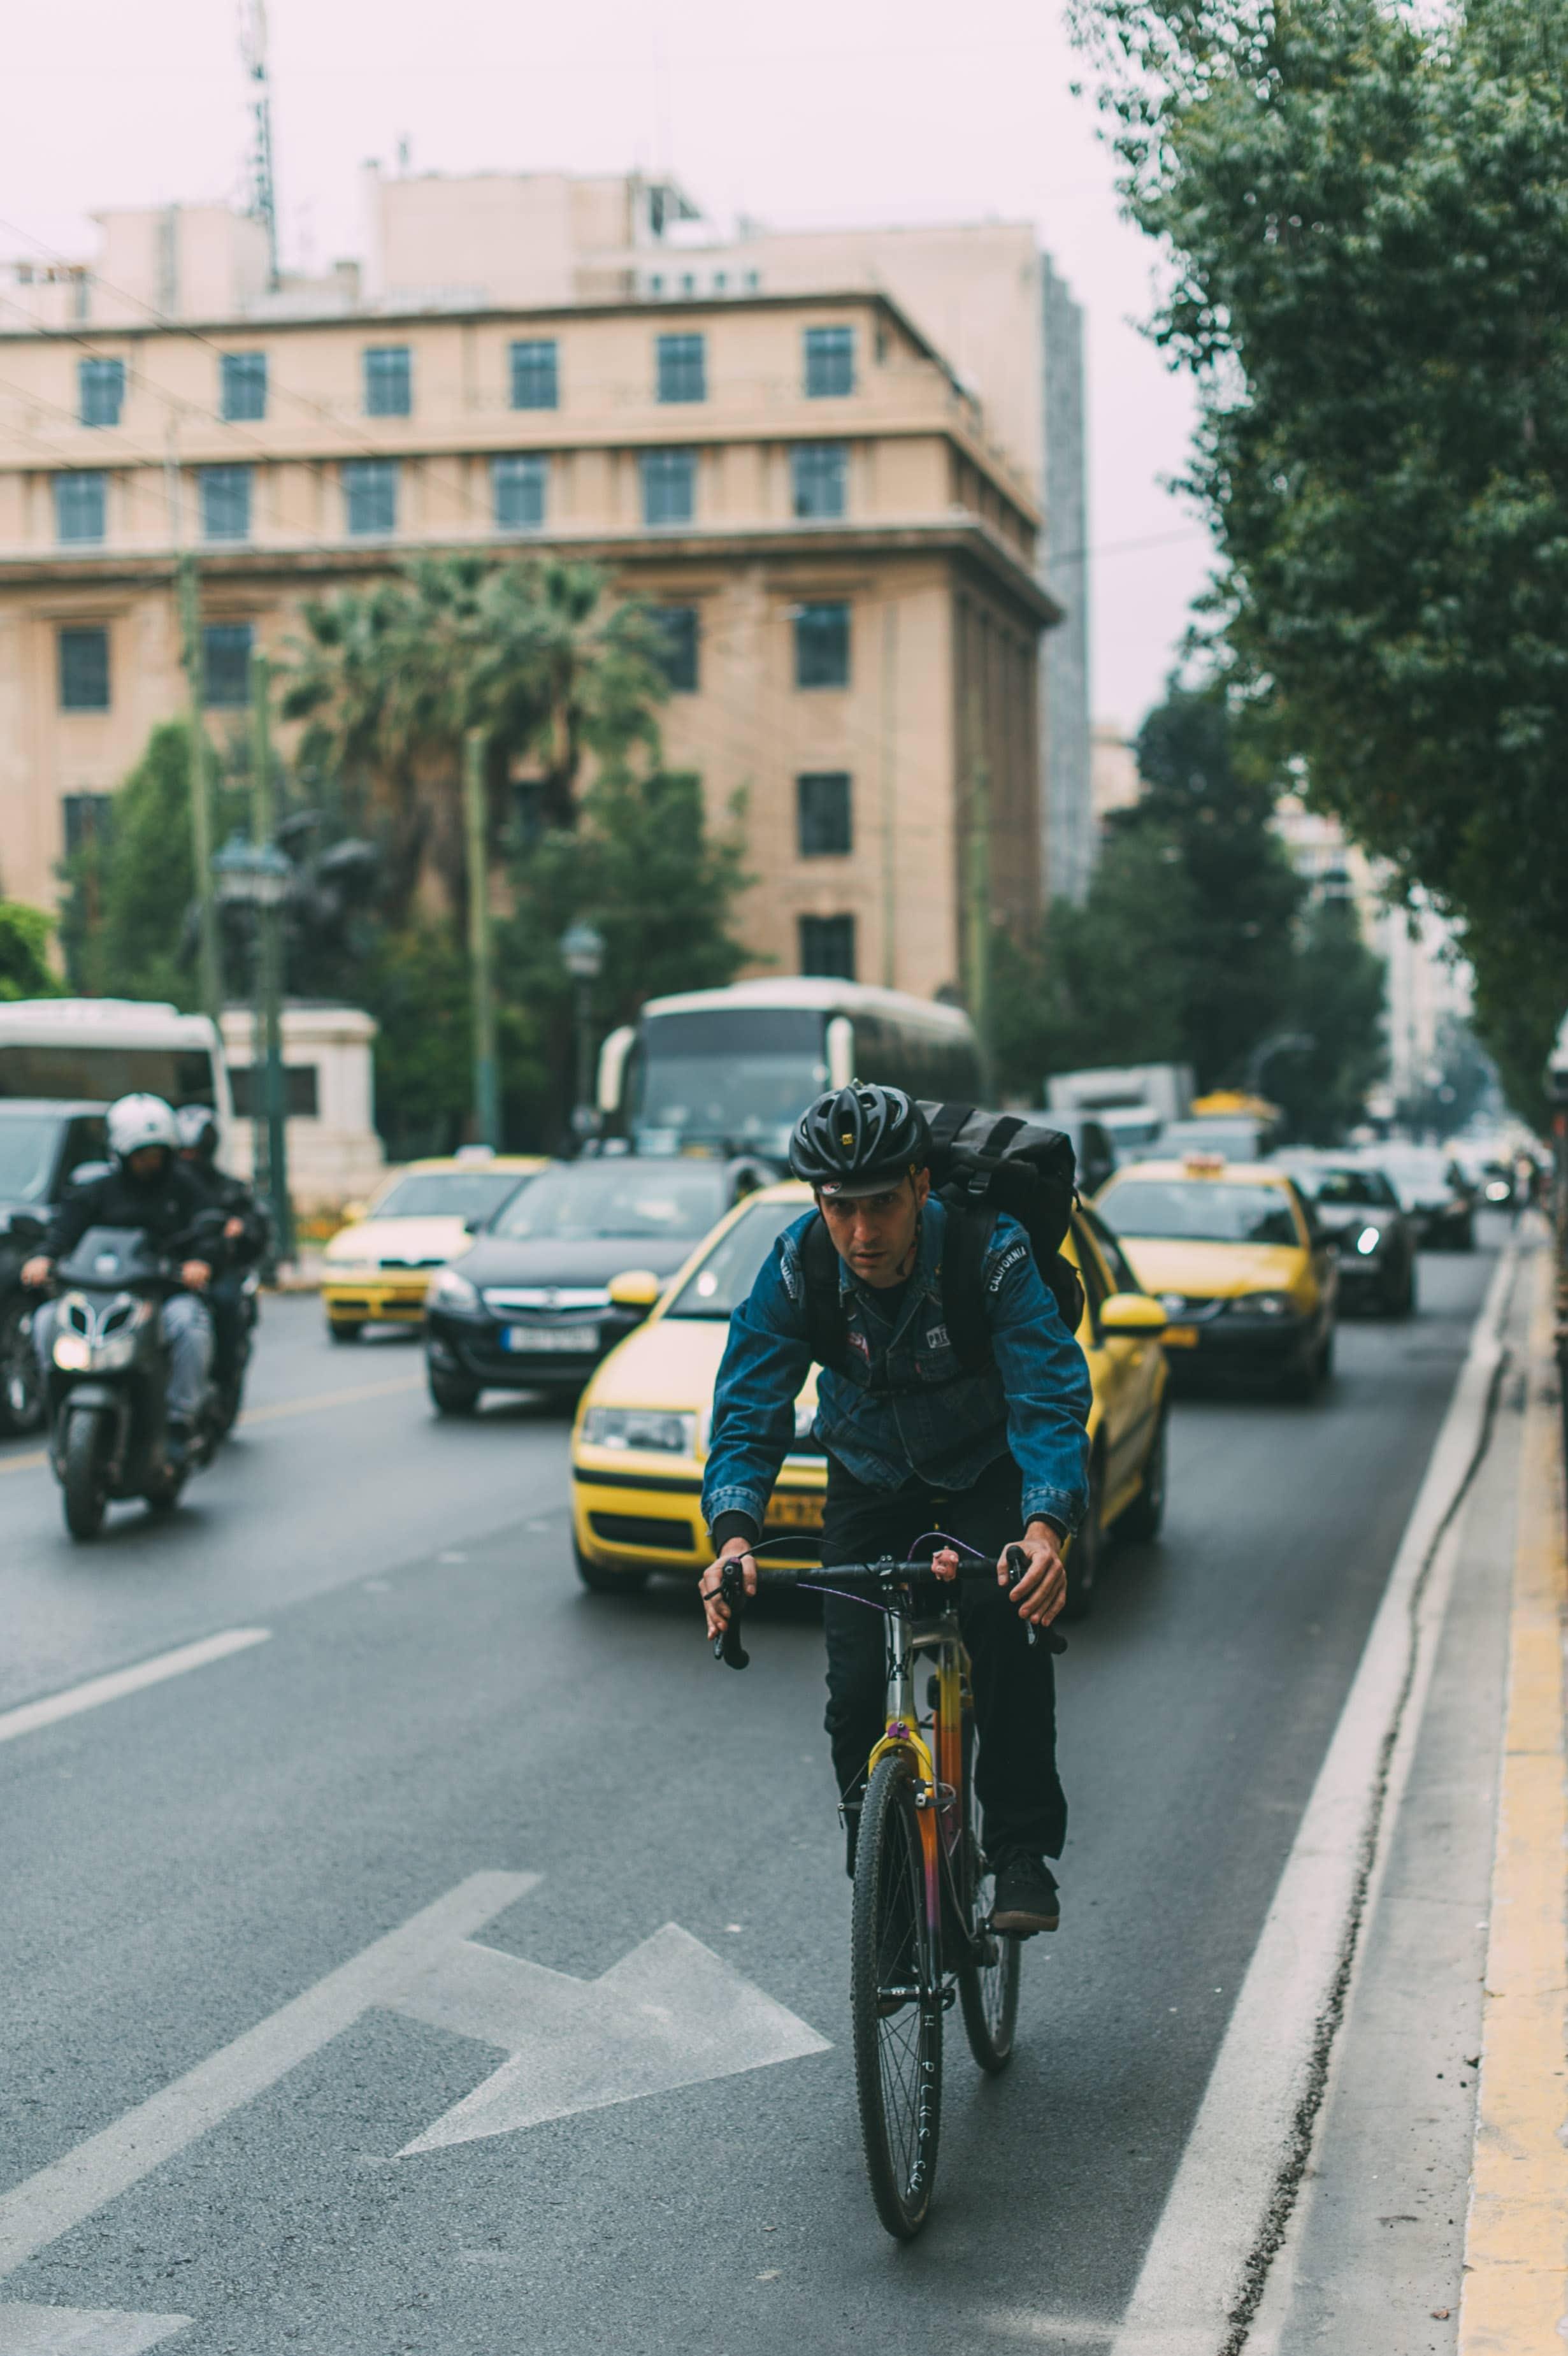 Verkehrsreiche Sraße in einer Stadt, ein Fahrradfahrer mit Helm im Vordergrund